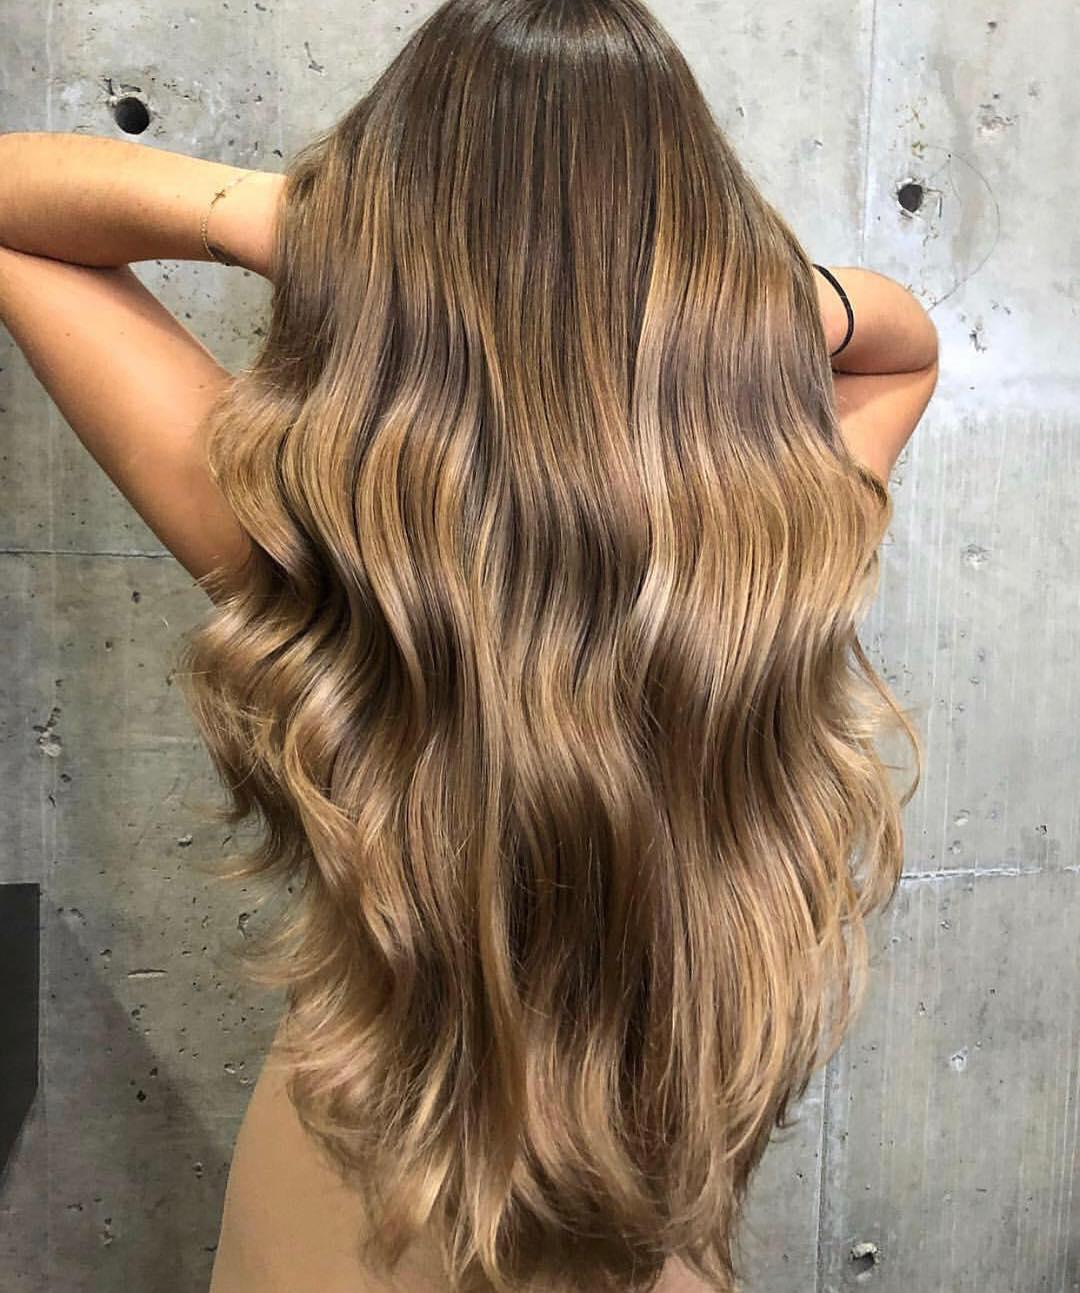 Cabelo-loiro-escuro-Melhores-dicas-para-cores-de-cabelo-atuais